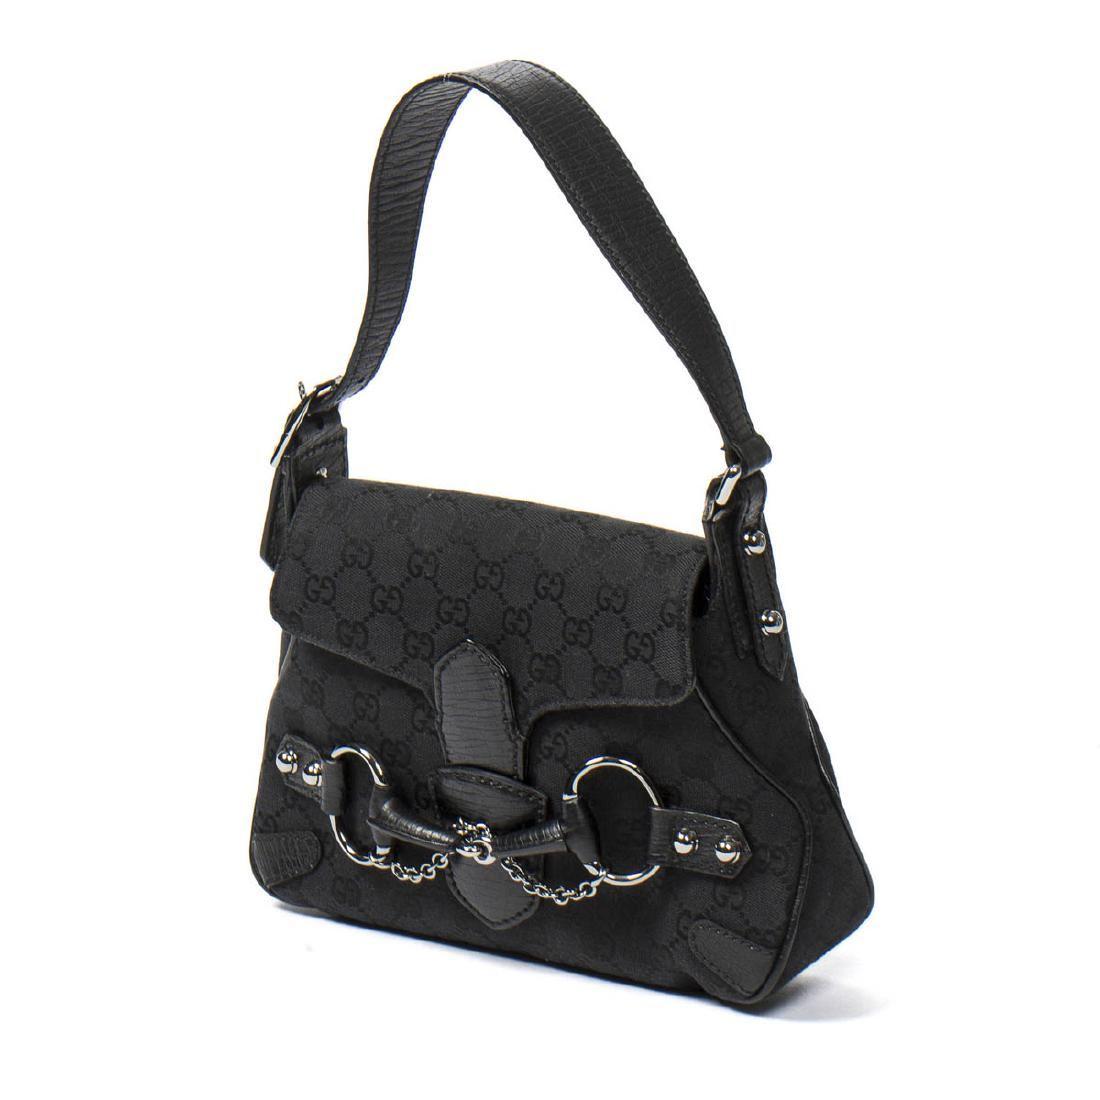 713b81b59 GUCCI Horsebit Satchel Bag